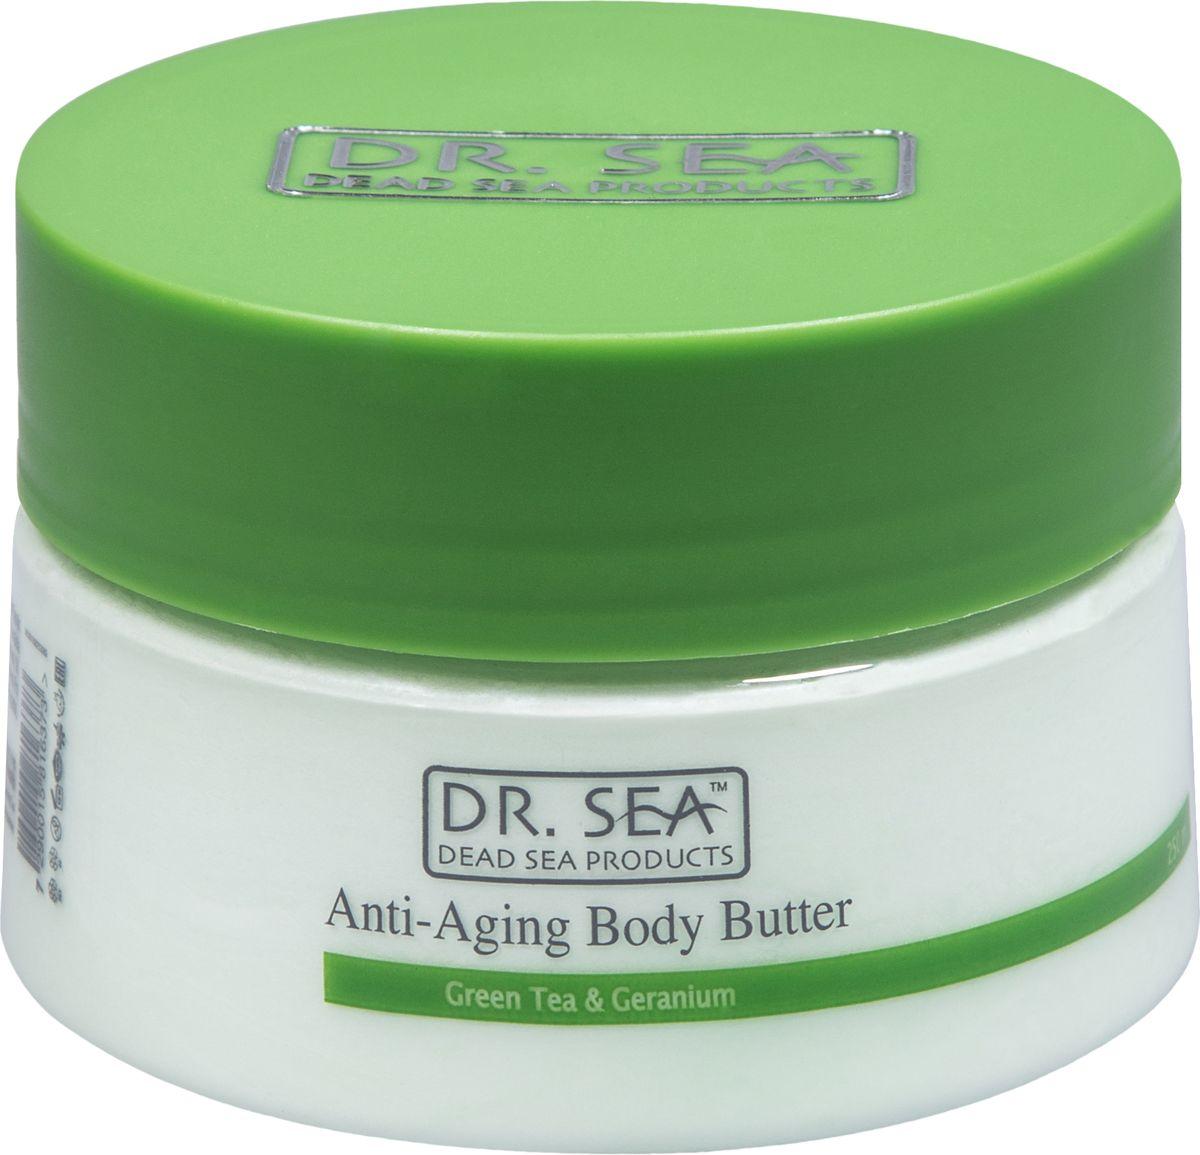 Dr.Sea Масло для тела против старения-зеленый чай и герань, 250 млFS-36054Ежедневное применение масла для тела Dr. Sea позволяет коже эффективно противостоять процессу старения, повышает ее эластичность и упругость. Содержит минералы Мертвого моря, натуральные эфирные и растительные масла, а также витамины C и E, жирные кислоты омега-3 и омега-6. Способствует предотвращению растяжек, рекомендуется к применению в период диеты или беременности. Способ применения: после каждого принятия ванны или душа наносите на кожу массирующими движениями и втирайте до полного впитывания.Основу косметики Dr. Sea составляют минералы, грязи и органические вытяжки Мертвого моря, а также натуральные растительные экстракты. Косметические средства Dr. Sea разрабатываются и производятся исключительно на территории Израиля в новейших технологических условиях, позволяющих максимально раскрыть и сохранить целебные свойства природных компонентов. Ни в одном из препаратов не содержится парааминобензойная кислота (так называемый парабен), а в составе шампуней и гелей для душа не используется Sodium Lauryl Sulfate. Уникальность минеральной косметики Dr. Sea состоит в том, что все компоненты, входящие в рецептуру, натуральные. Сочетание минералов, грязи, соли и других натуральных составляющих, усиливают целебное действие и не дают побочных эффектов. Характеристики:Объем: 250 мл. Производитель: Израиль. Товар сертифицирован.